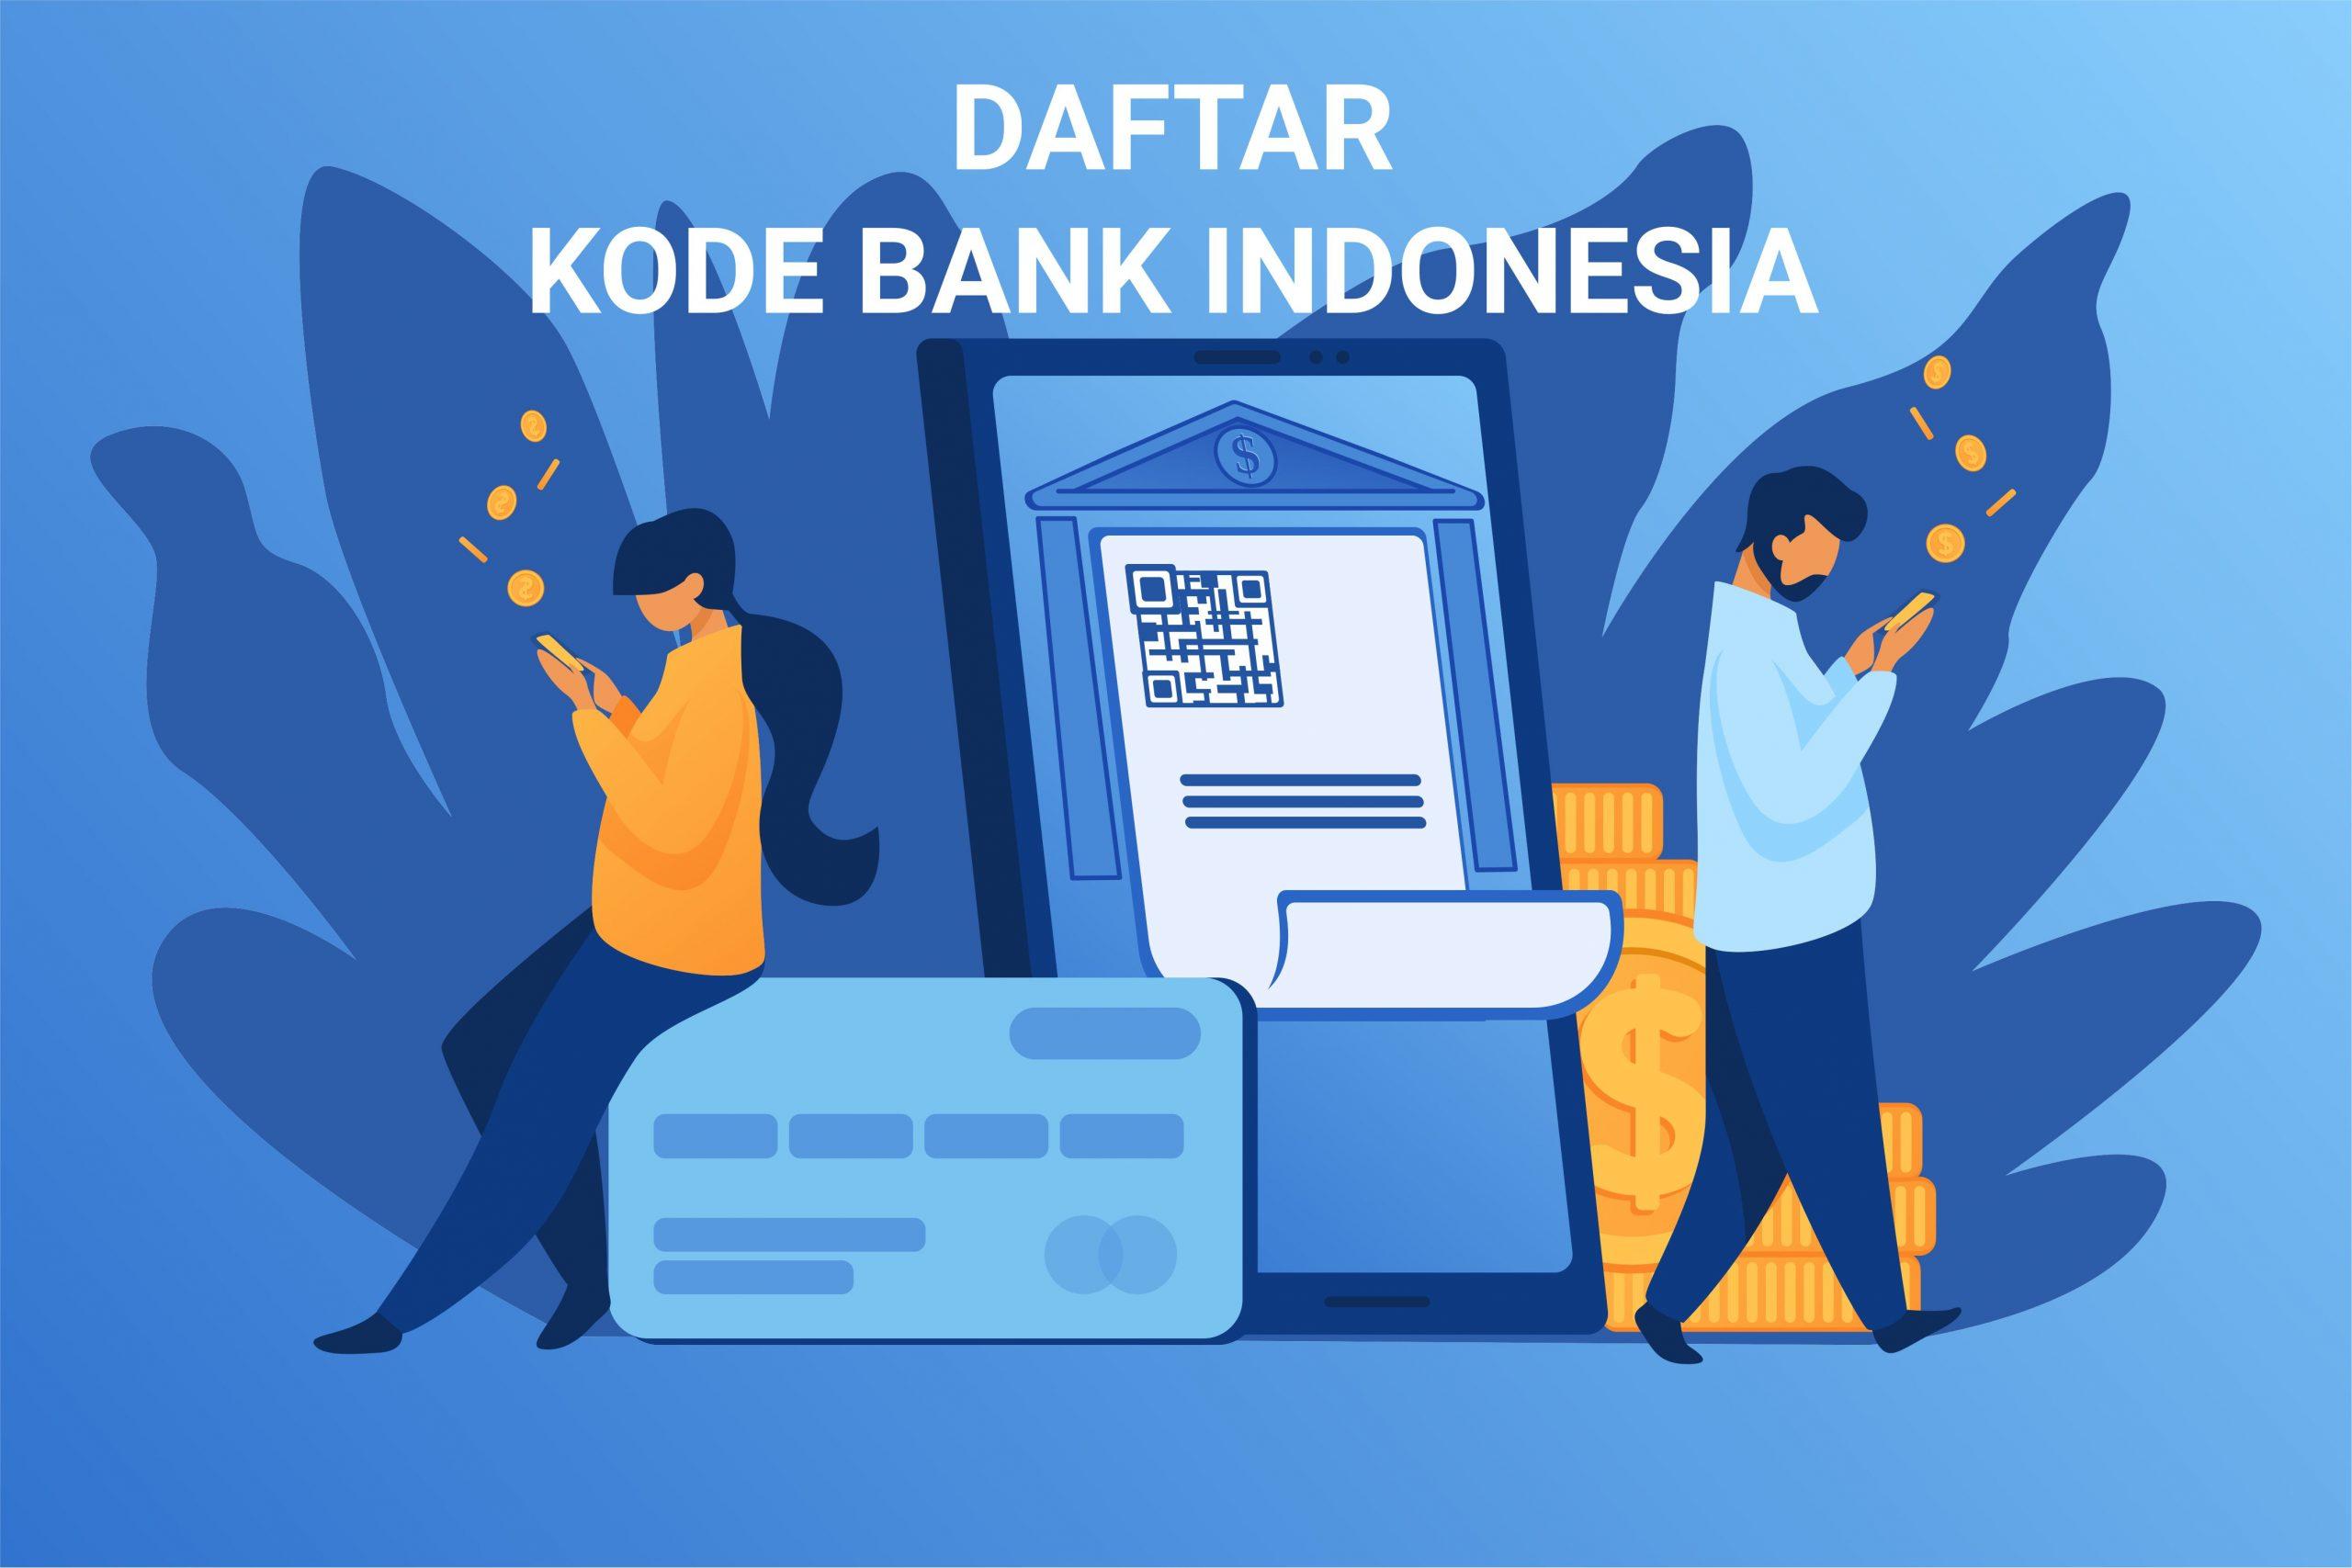 Daftar Kode Transfer Antar Bank